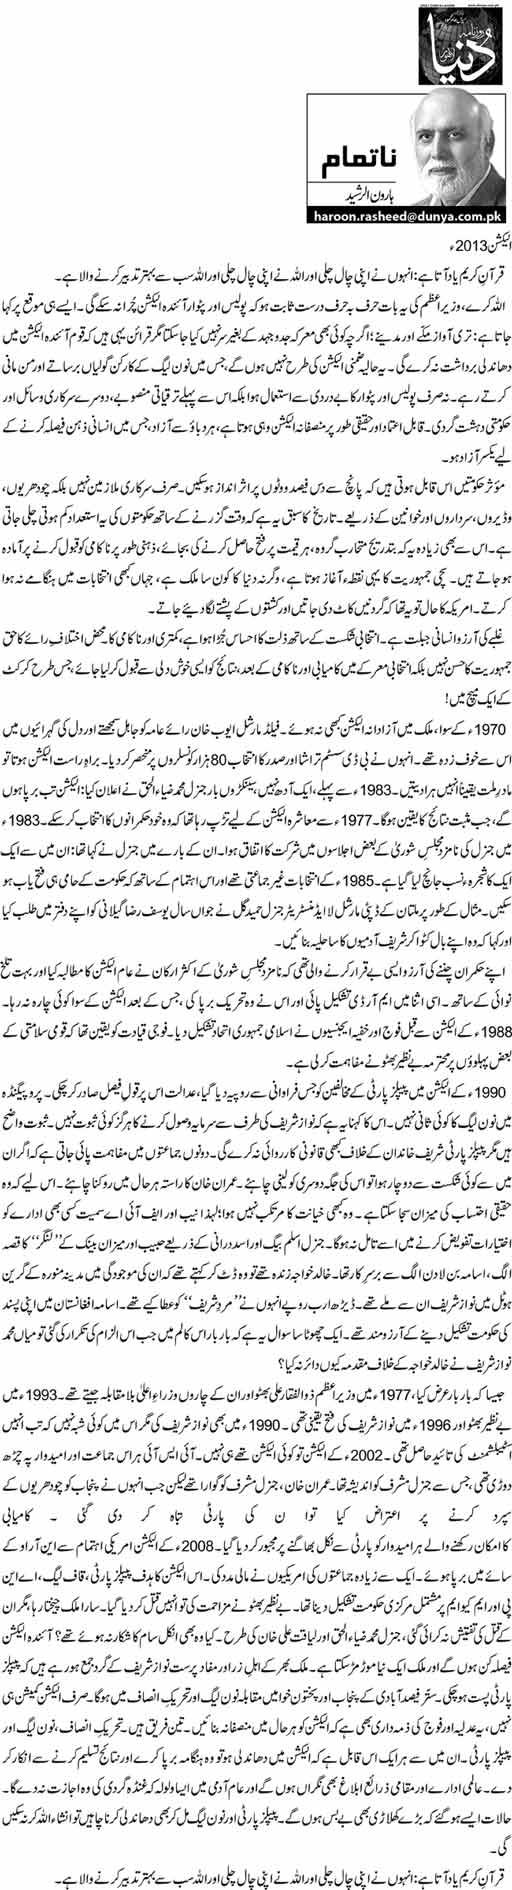 Election 2013 - Haroon-ur-Rasheed